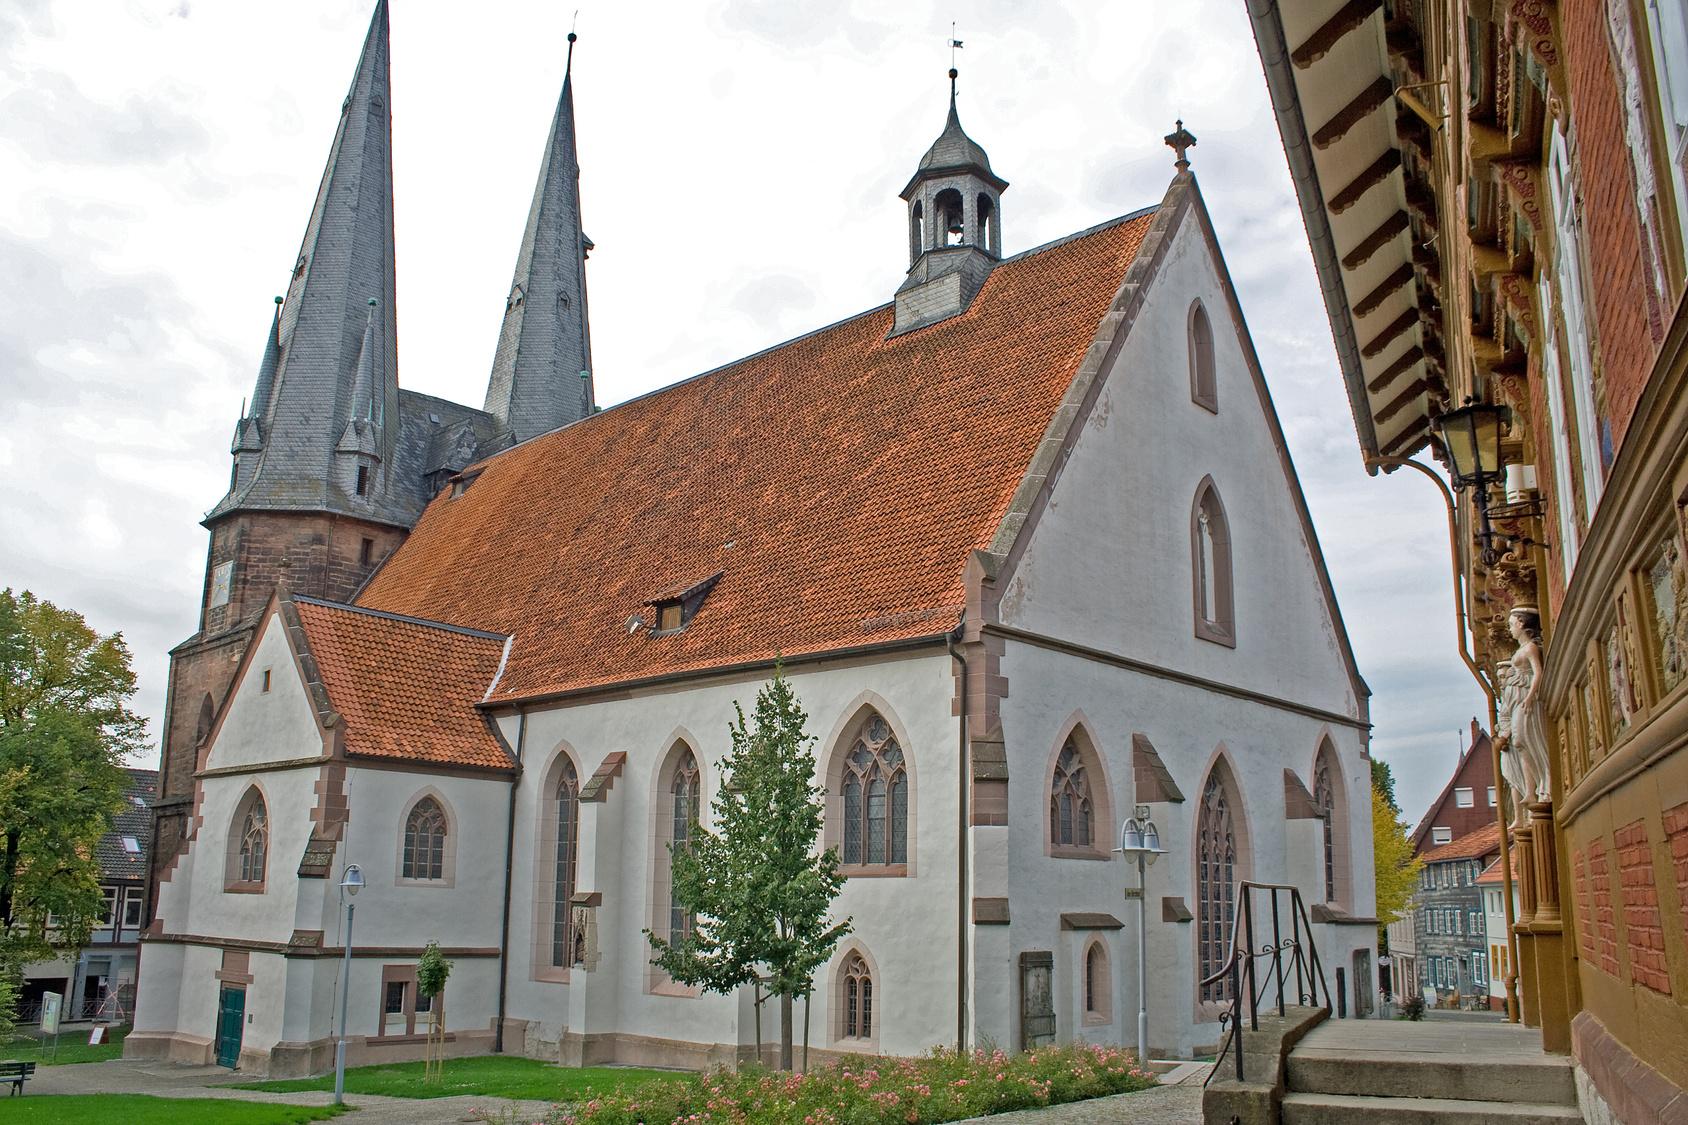 Haushaltsauflösung und Entrümpelung in Alfeld